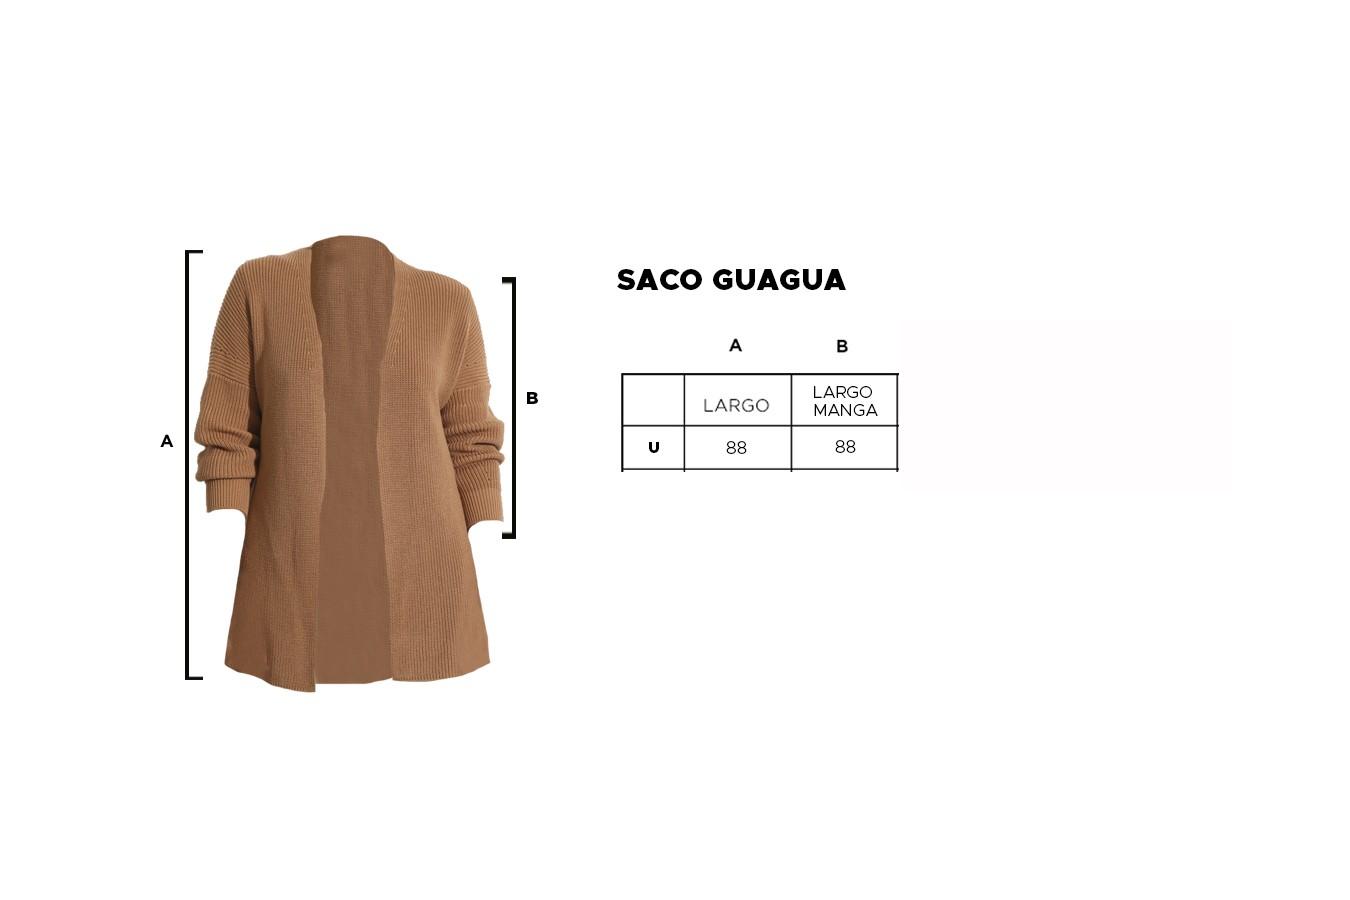 SACO GUAGUA